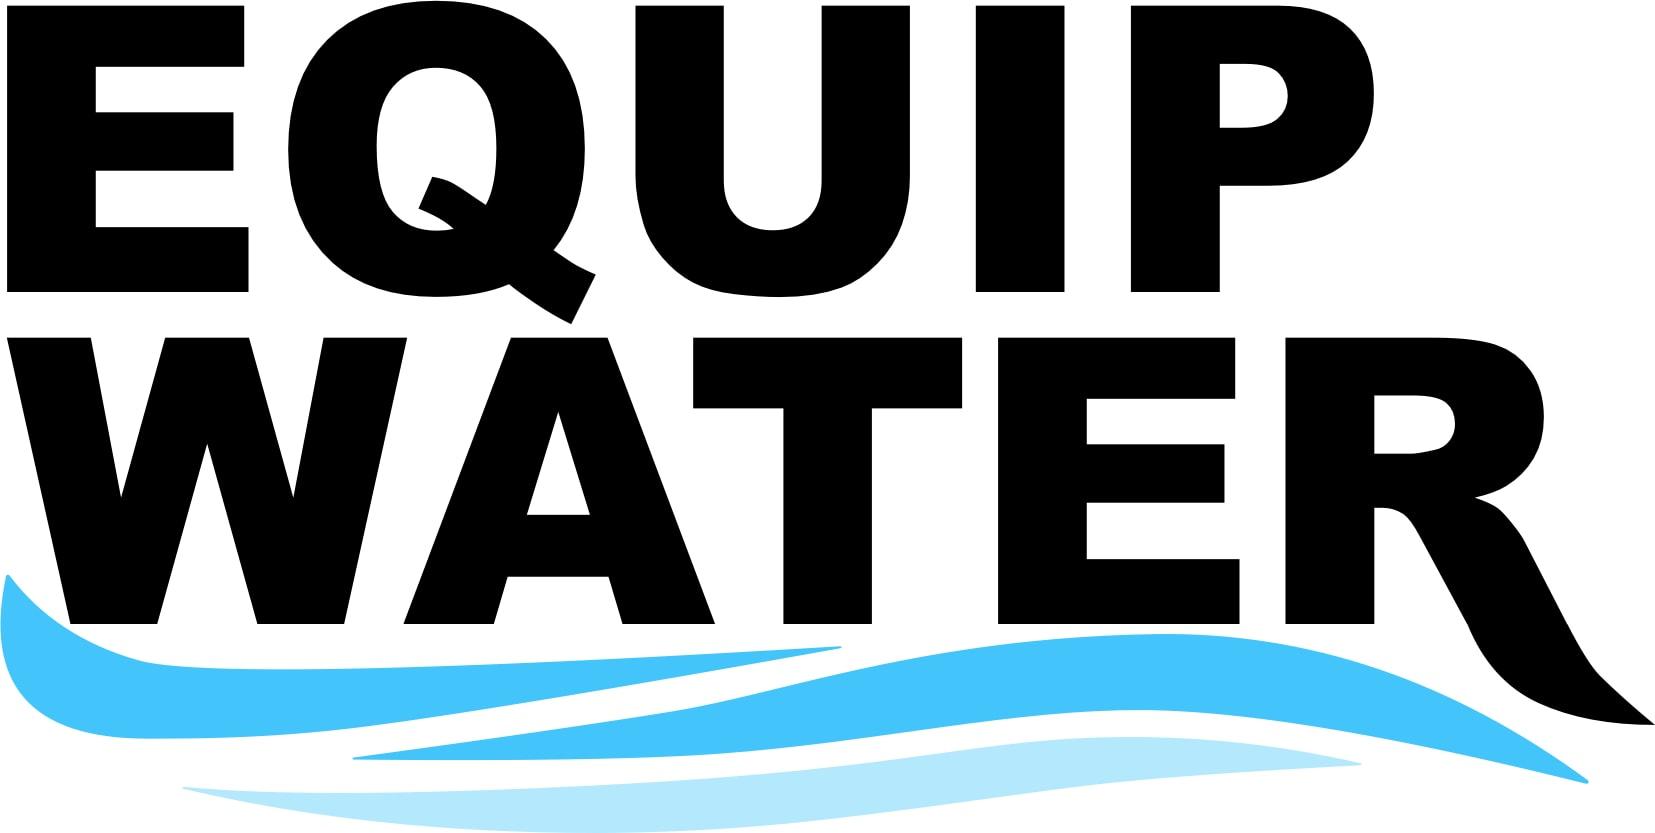 Equipwater